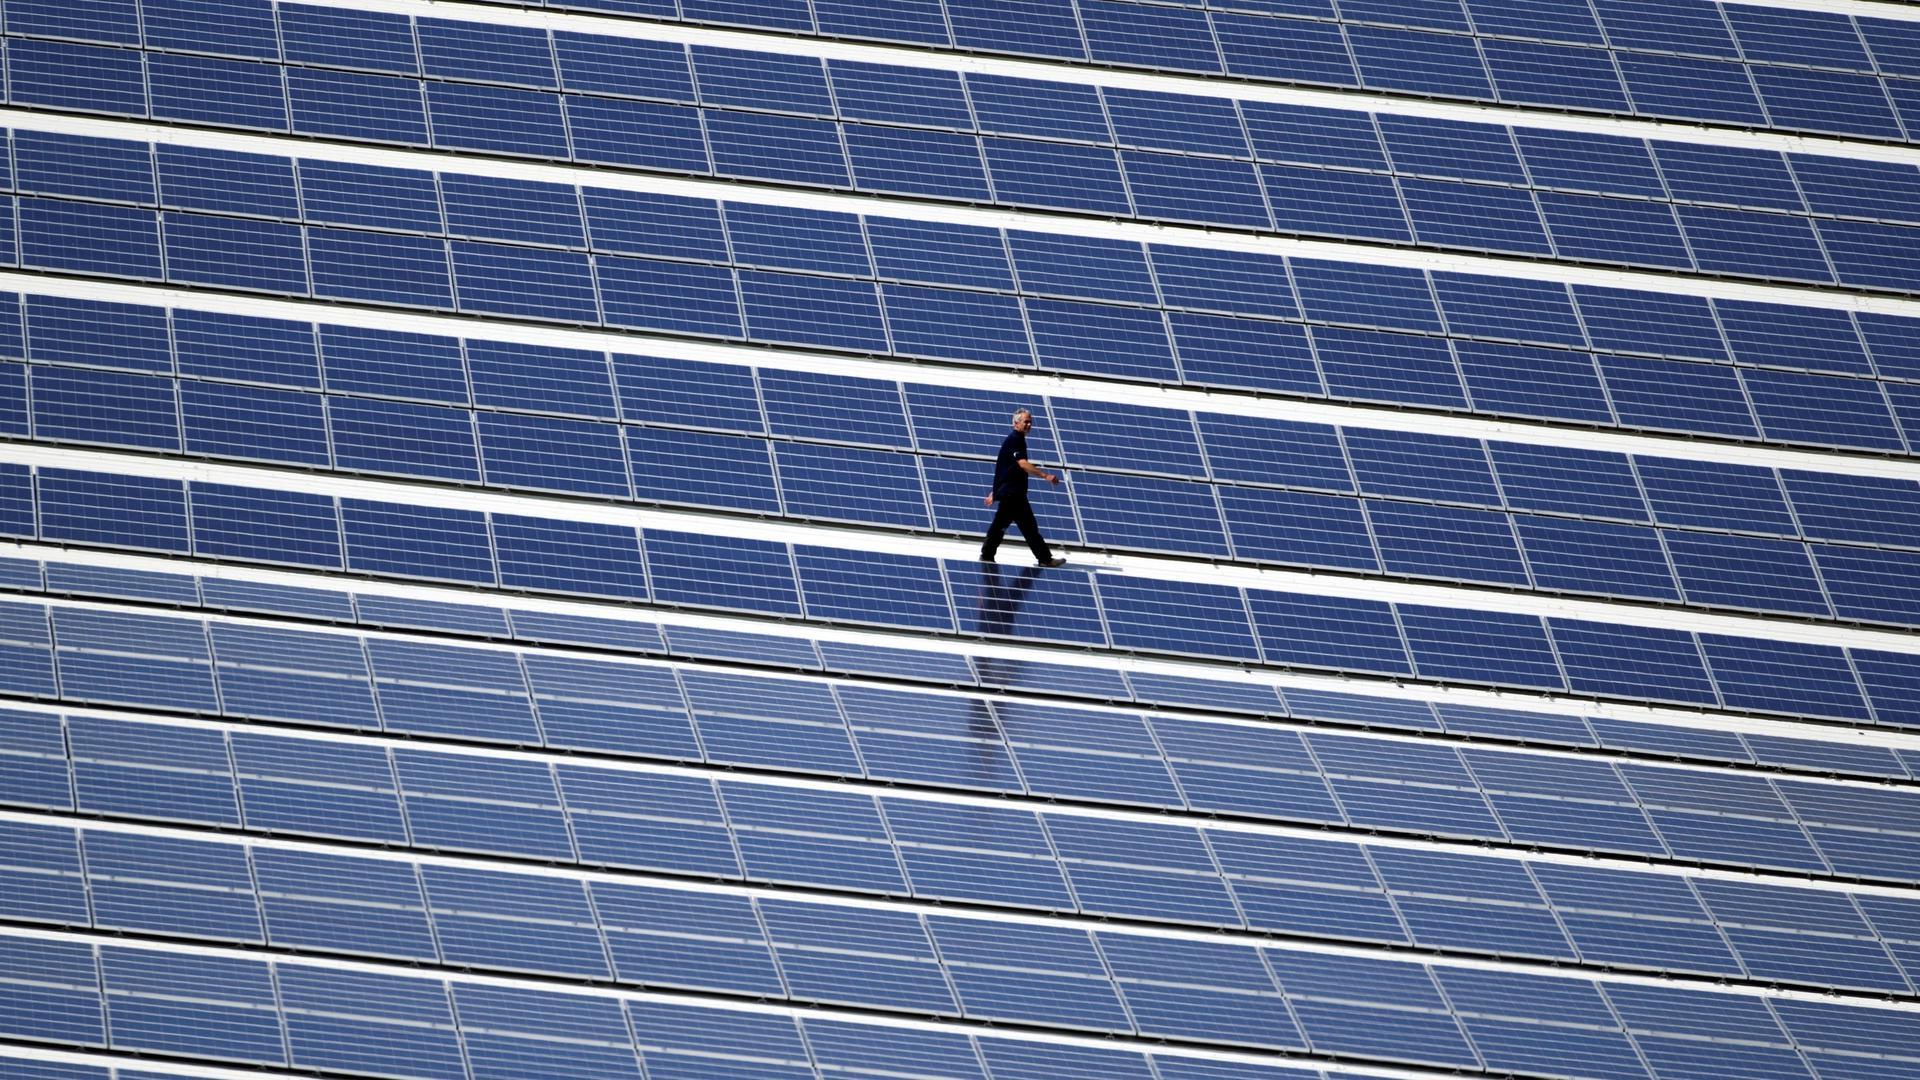 Ein Techniker geht über ein Dach, auf dem eine Photovoltaik-Anlage montiert wurde.